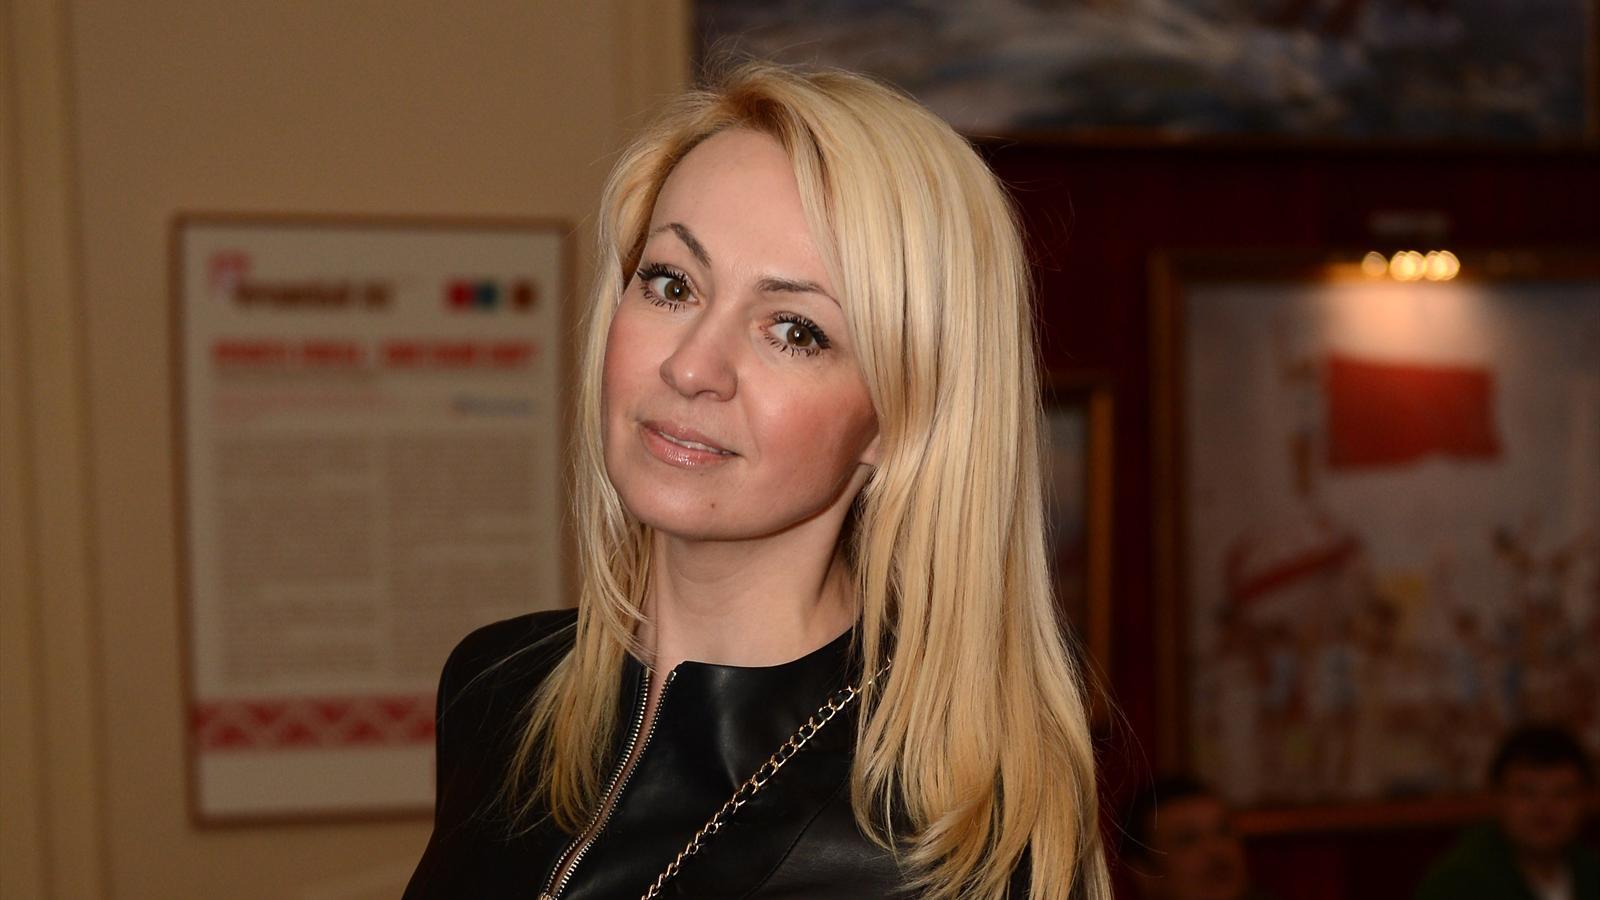 Янна рудковская занимаеться сексом видео